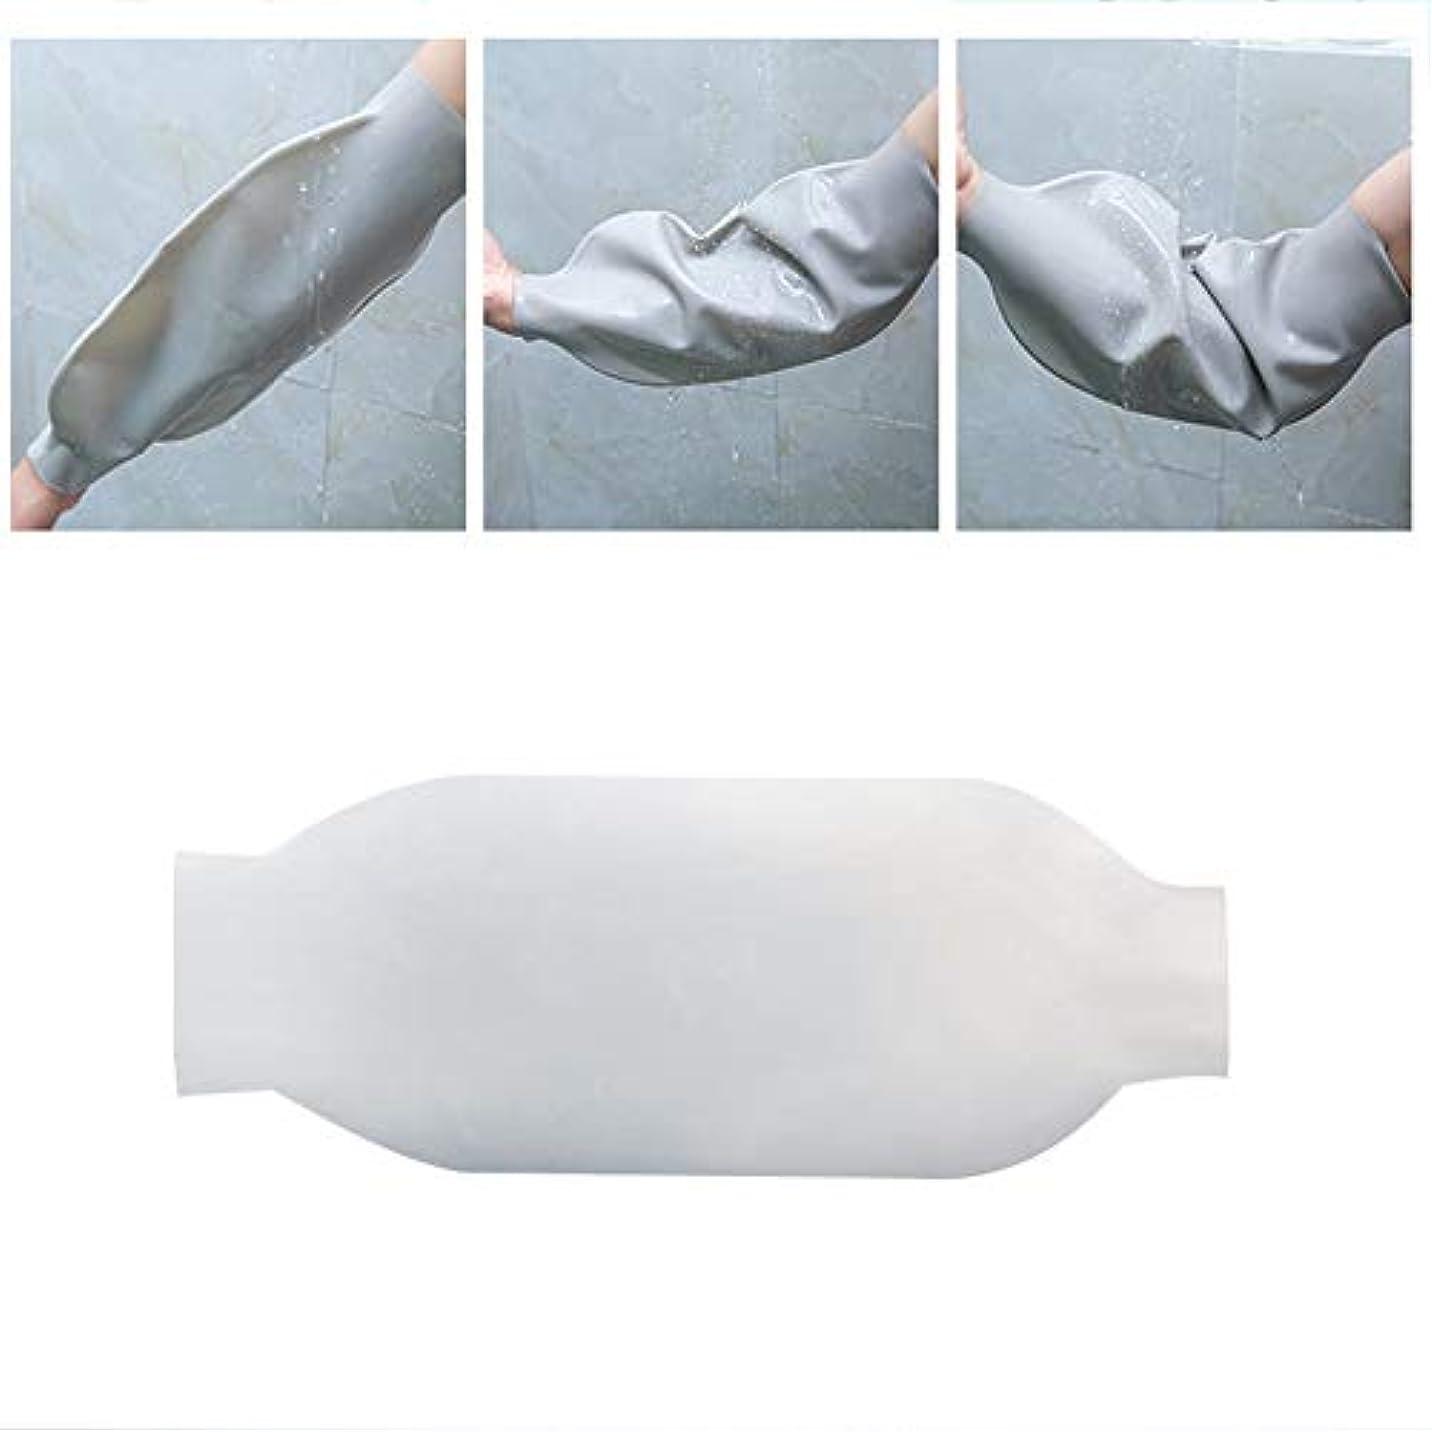 間違えた再開リサイクルするキャストプロテクタースリーブシャワーアームの肘スリーブシリコンケースの再利用可能な耐水性包帯プロテクター水密シールがドライ石膏包帯をしてください,L